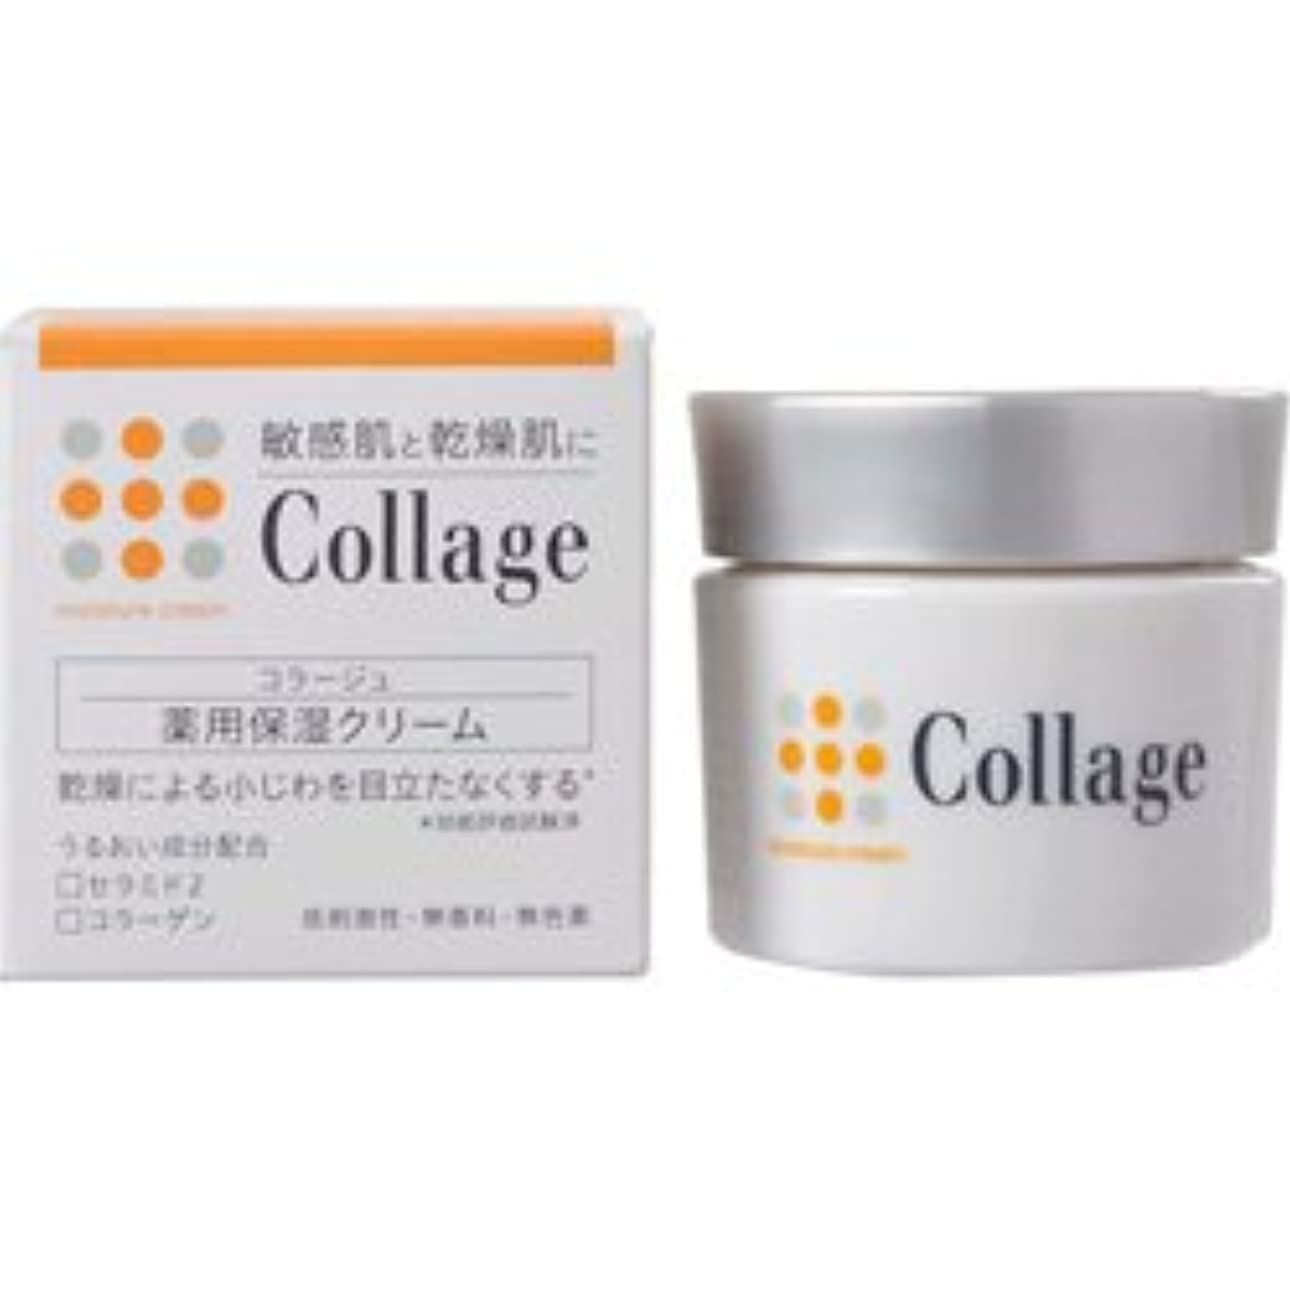 レモン人類包帯【持田ヘルスケア】 コラージュ薬用保湿クリーム 30g (医薬部外品) ×3個セット